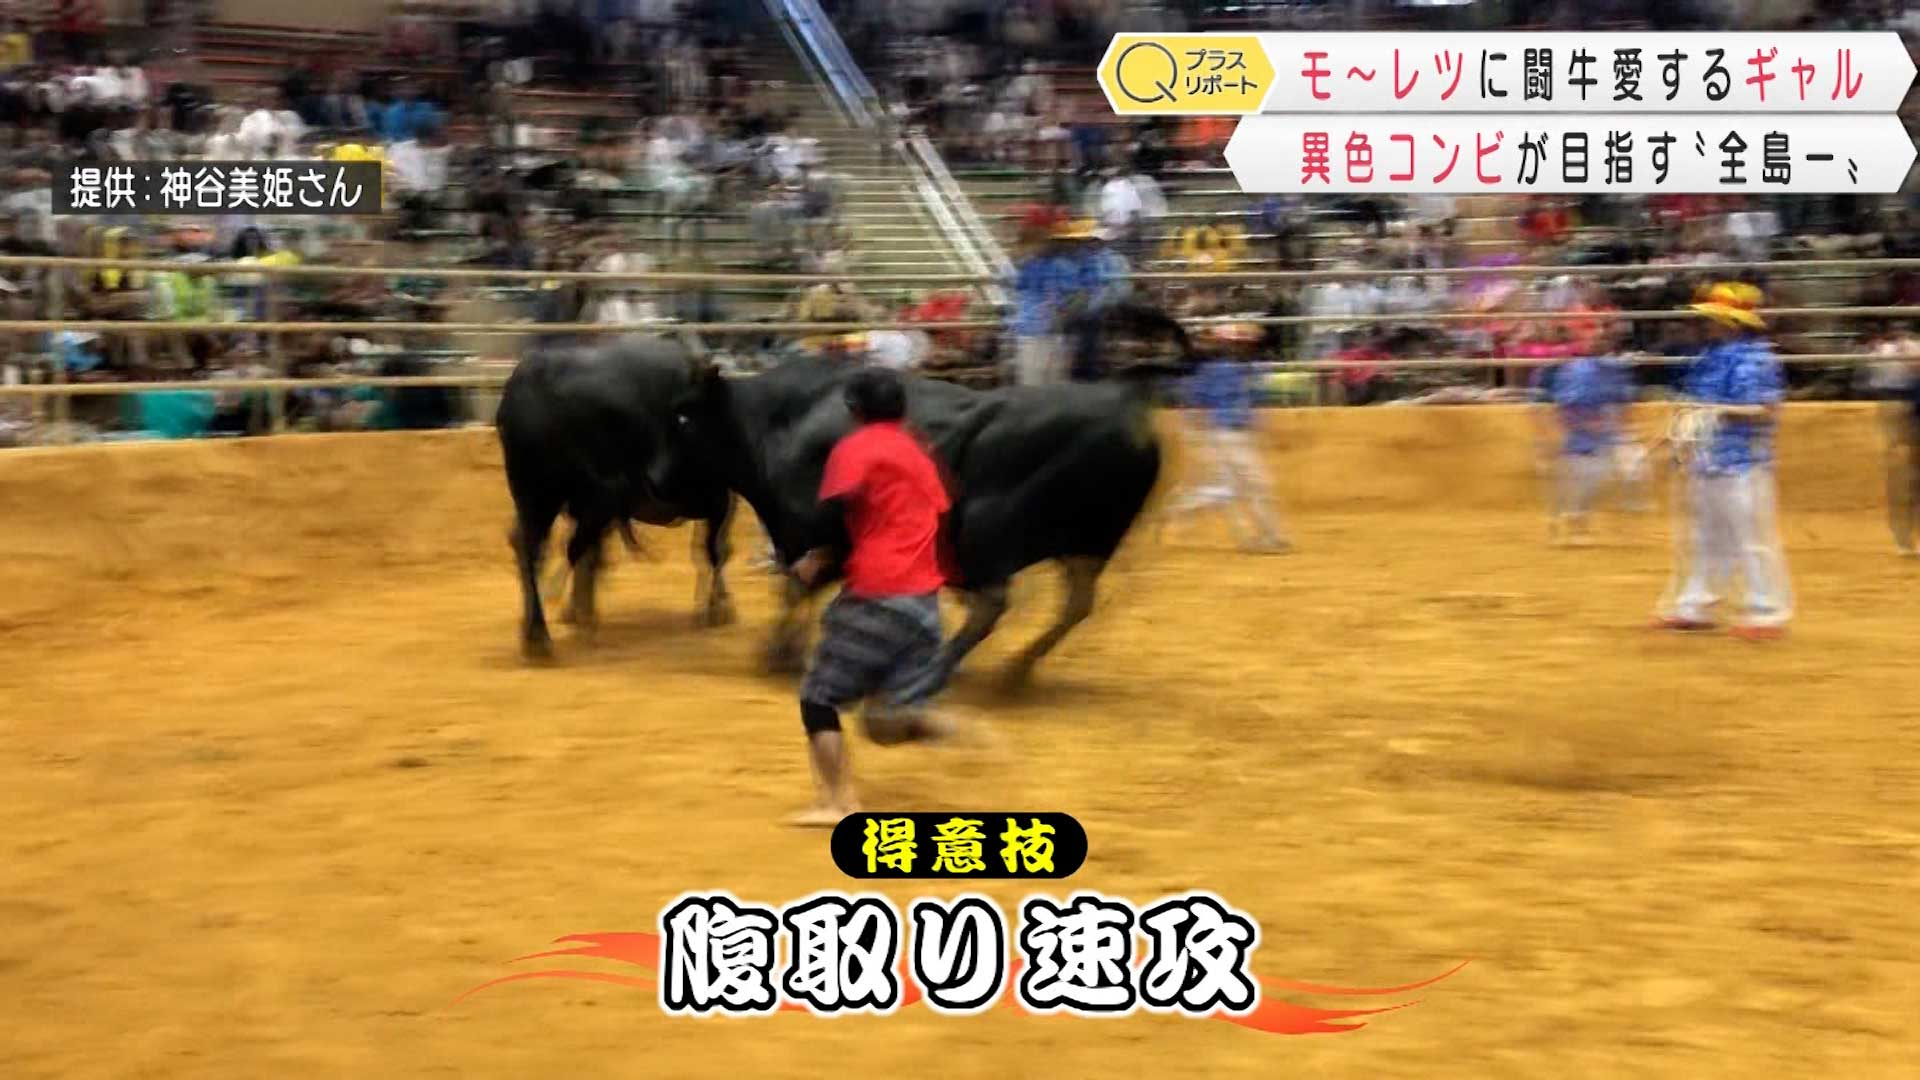 闘牛会の異色コンビ